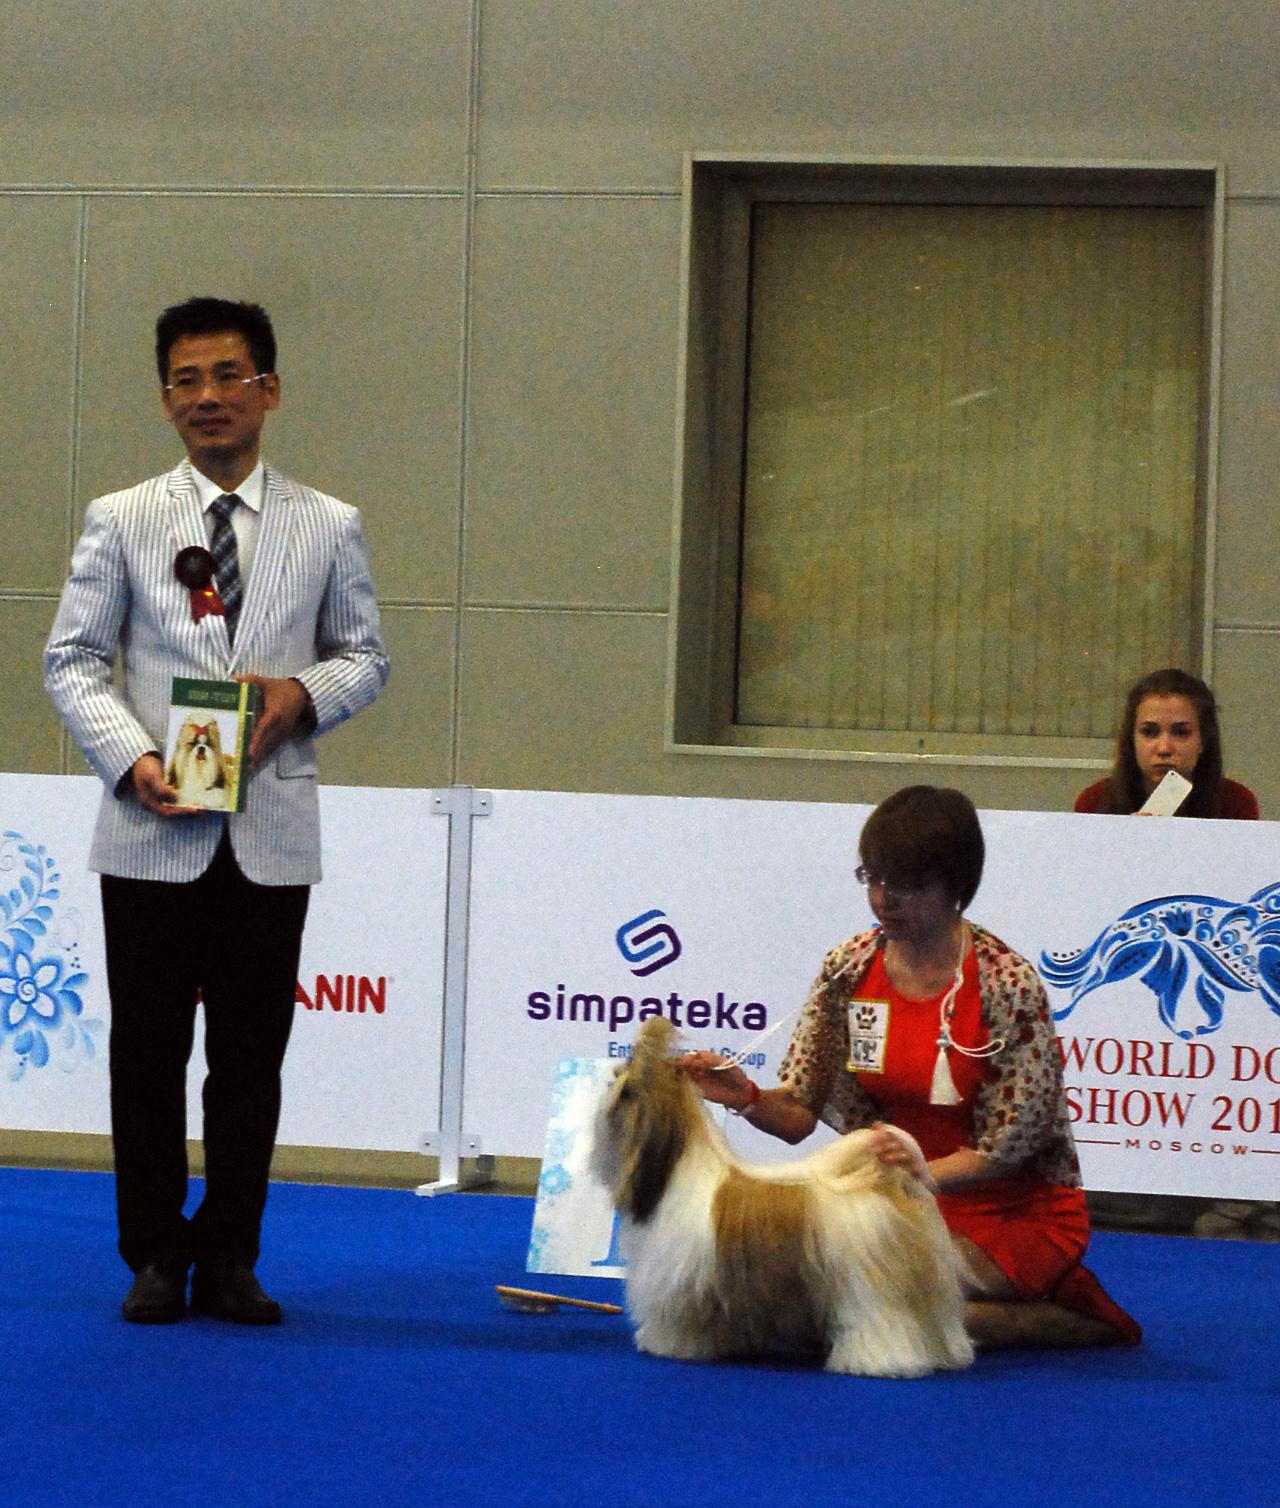 Лучший юниор-кобель на специализированной выставке Ши Тцу в рамках WDS'2016